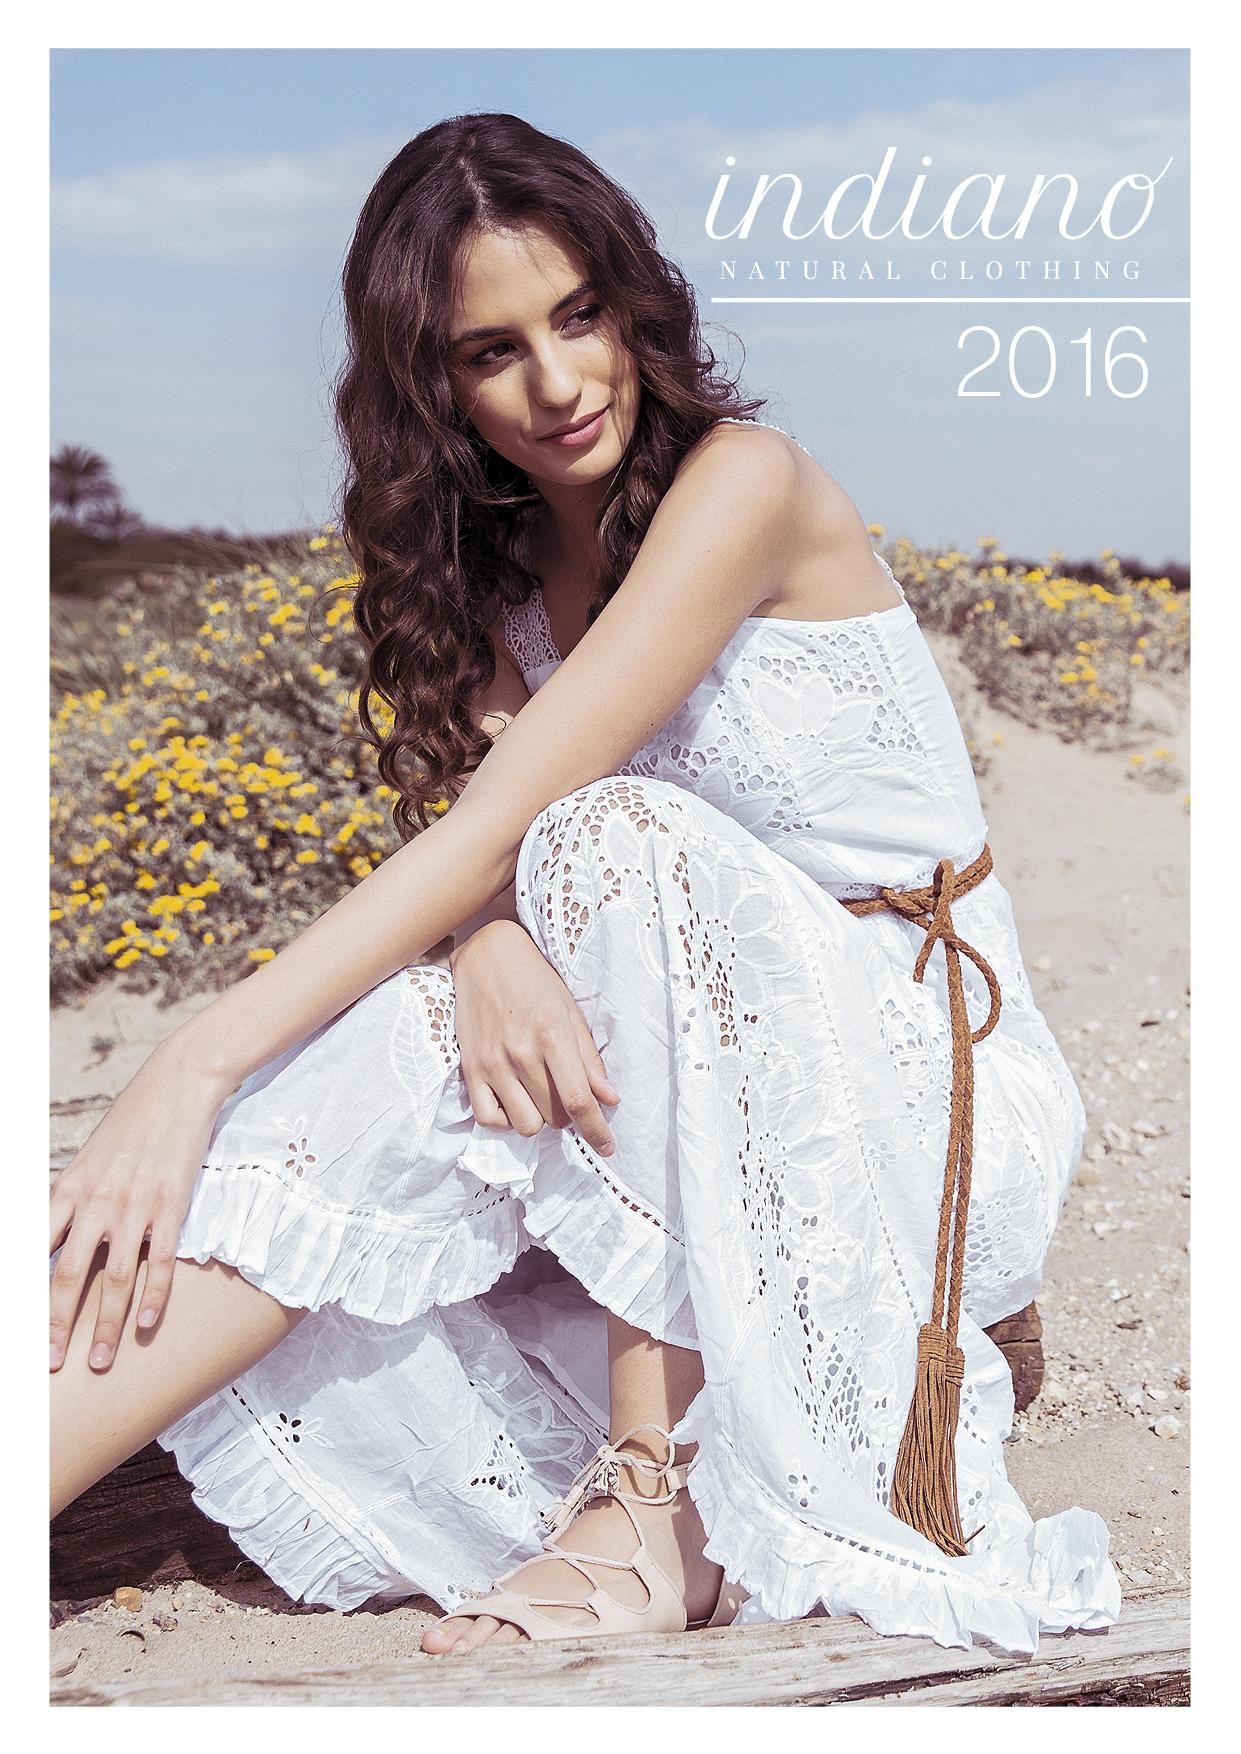 Сбор заказов. Долгожданная, сногсшибательная новая коллекция-2016 от INDIANO! И Финальная распродажа 2015! Всем